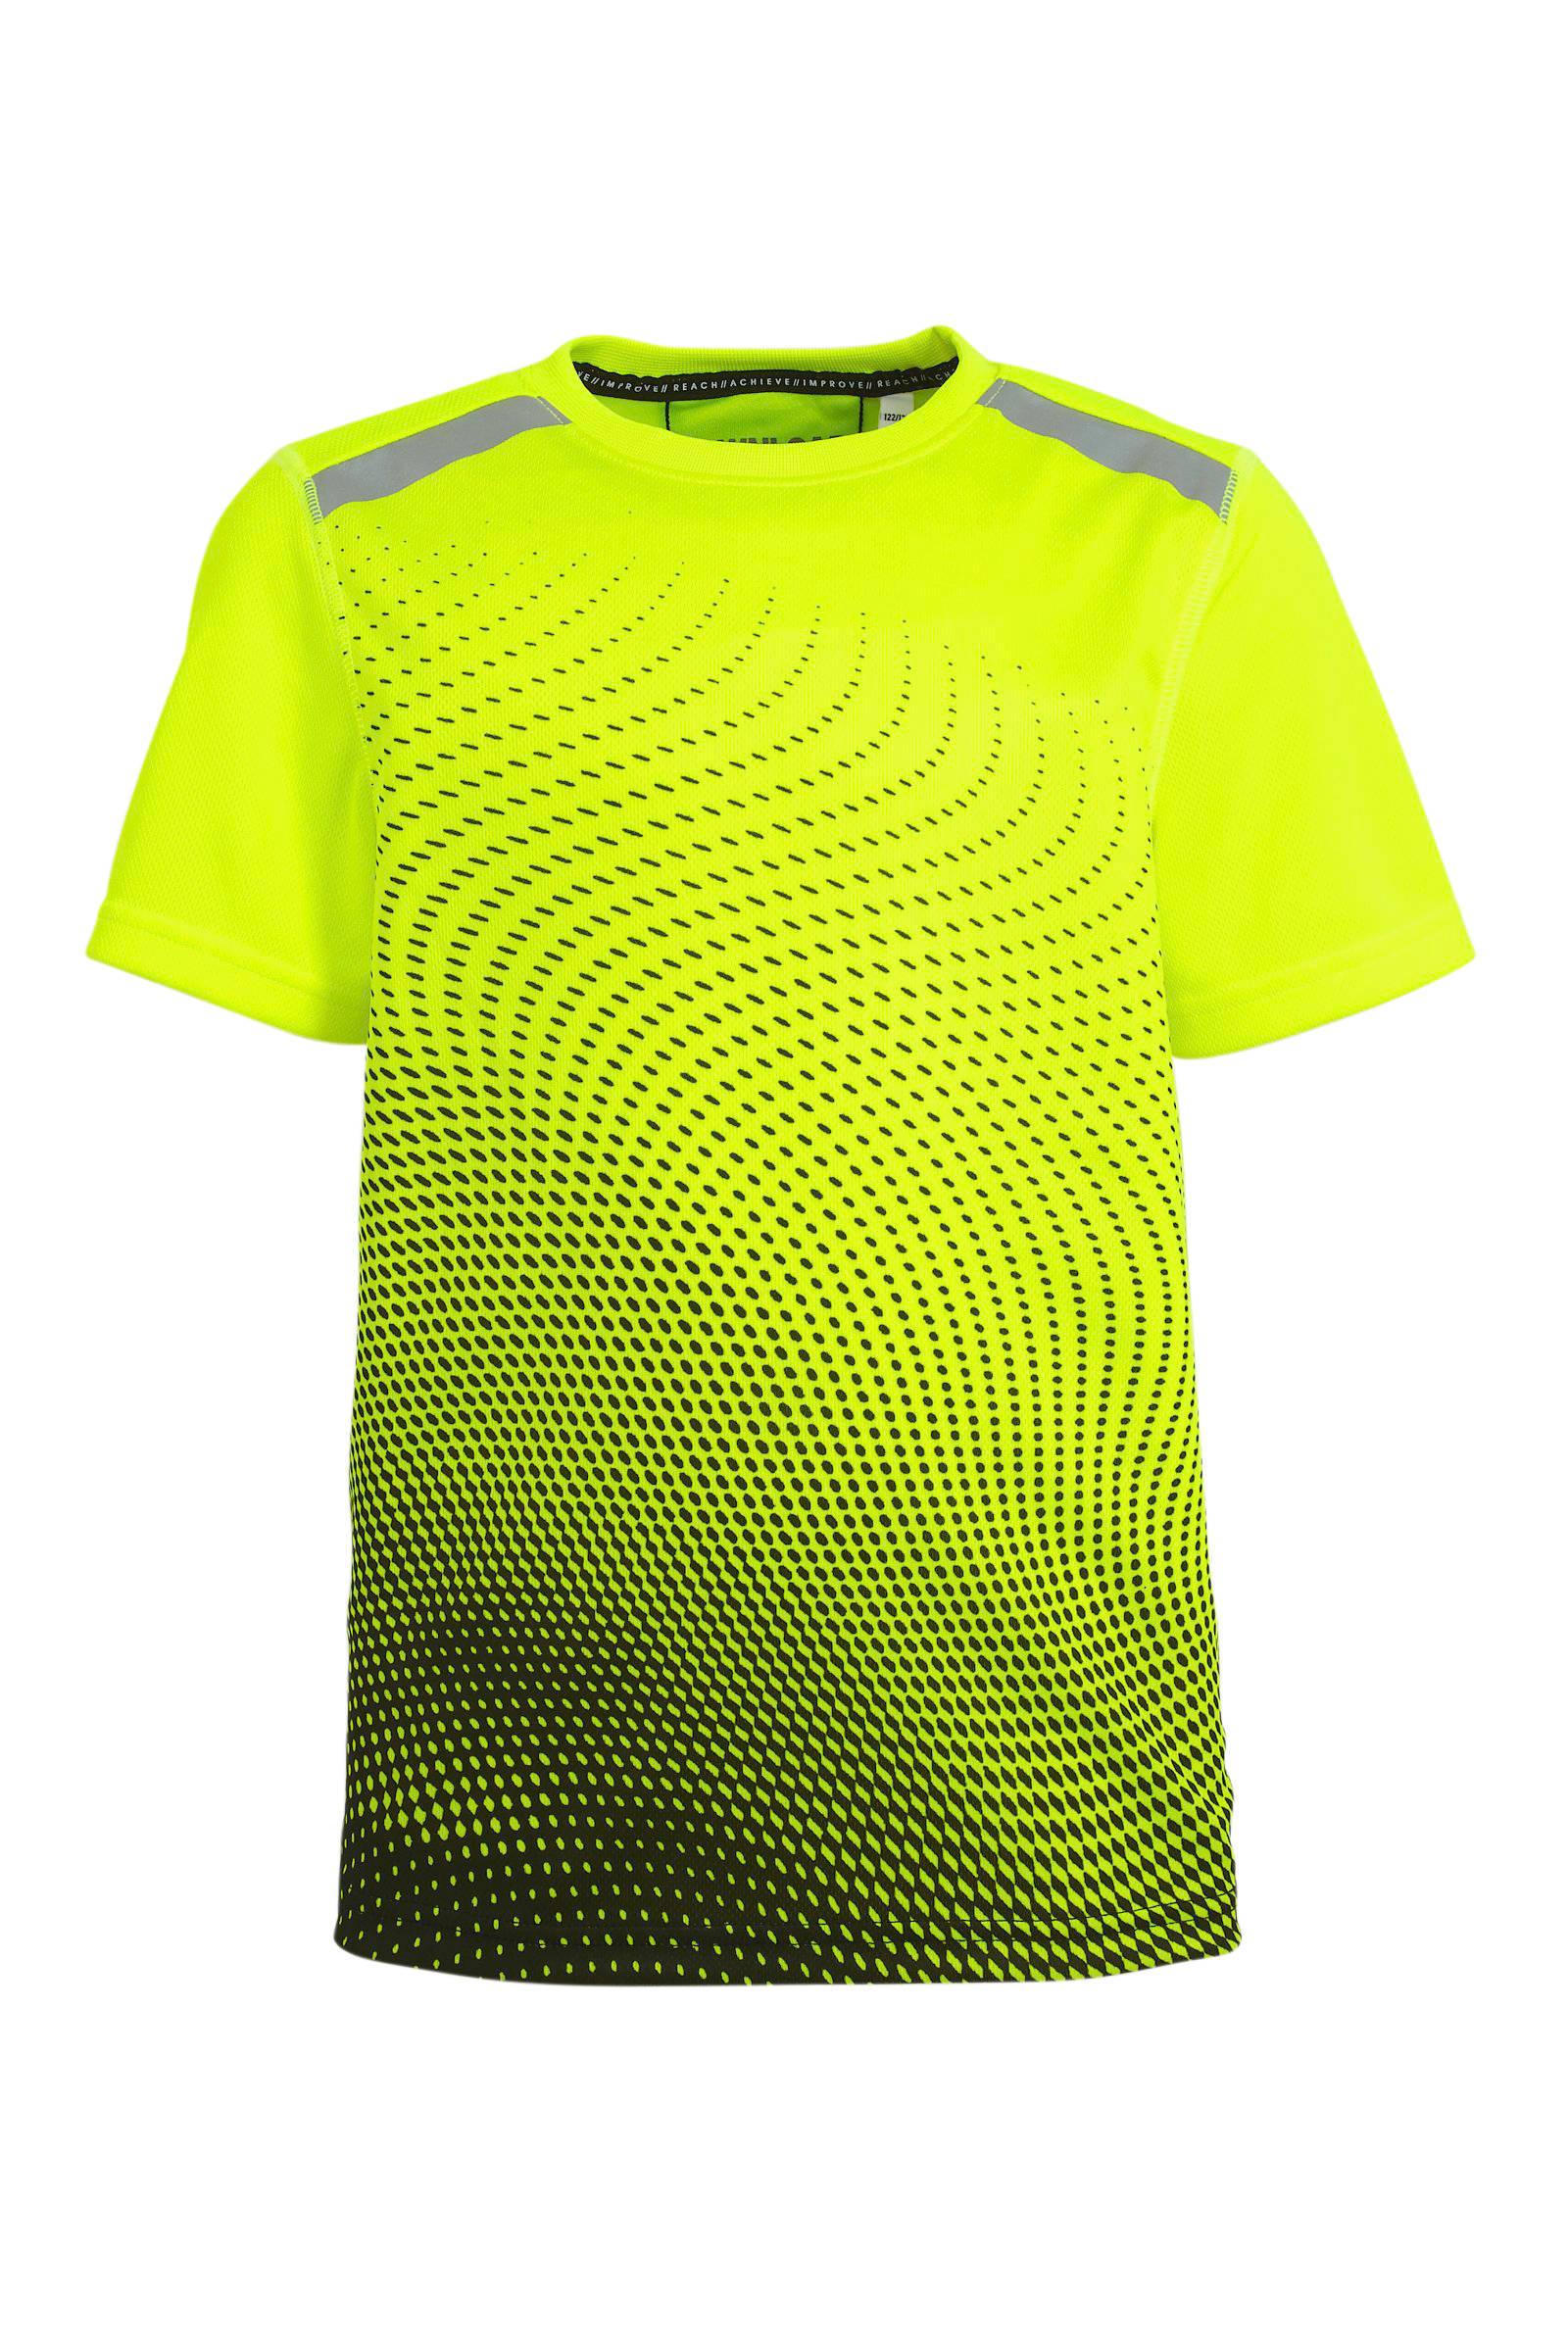 C&A trui neon geel maat 122128 | Tweedehands Meisjeskleding